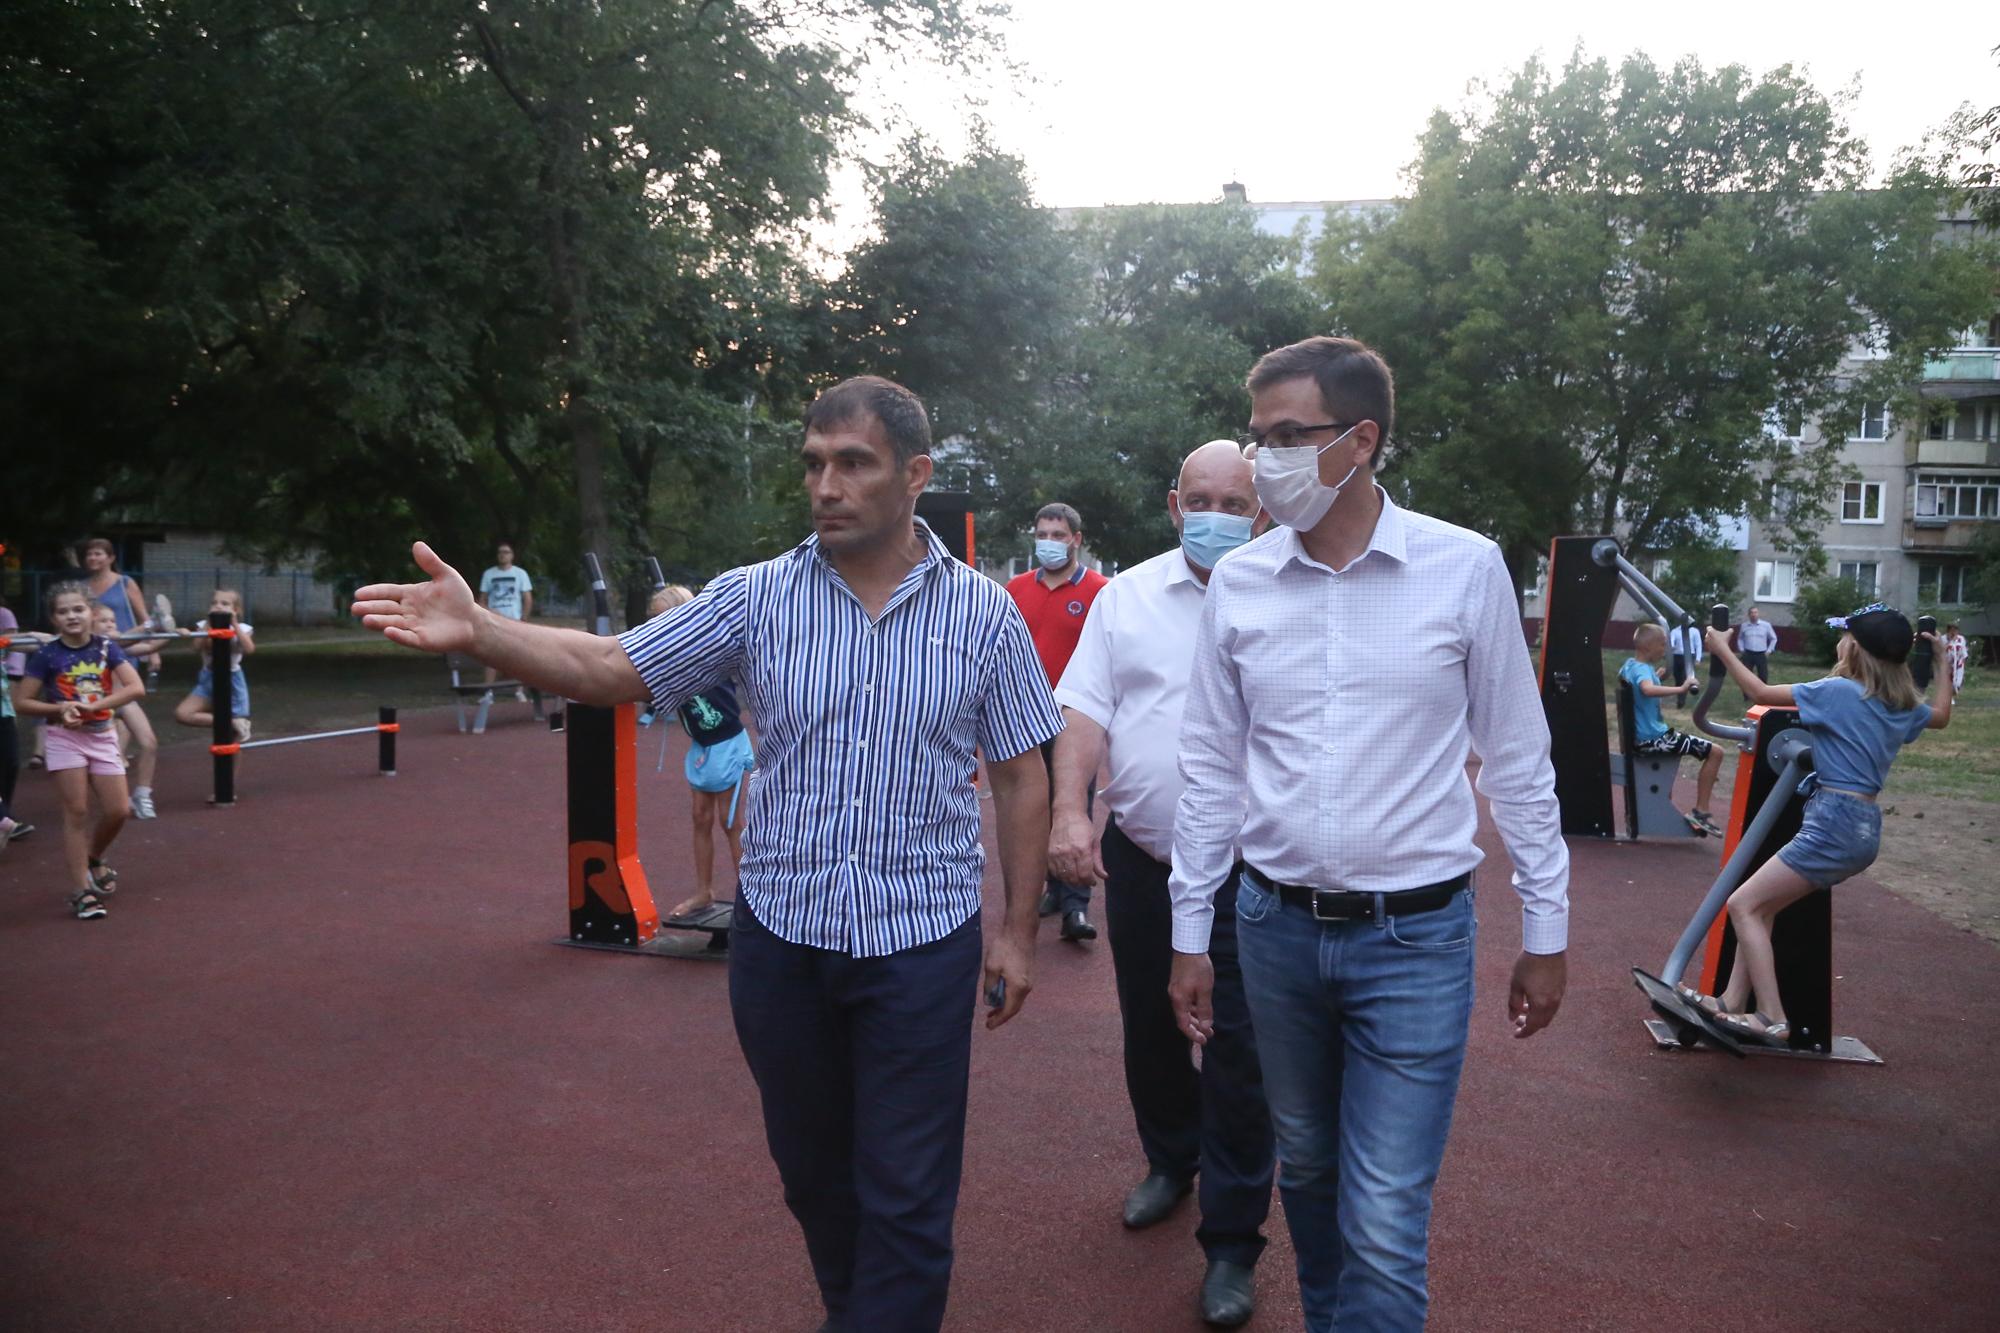 Благоустройство сквера на Пермякова в Нижнем Новгороде завершится к 1 августа - фото 1